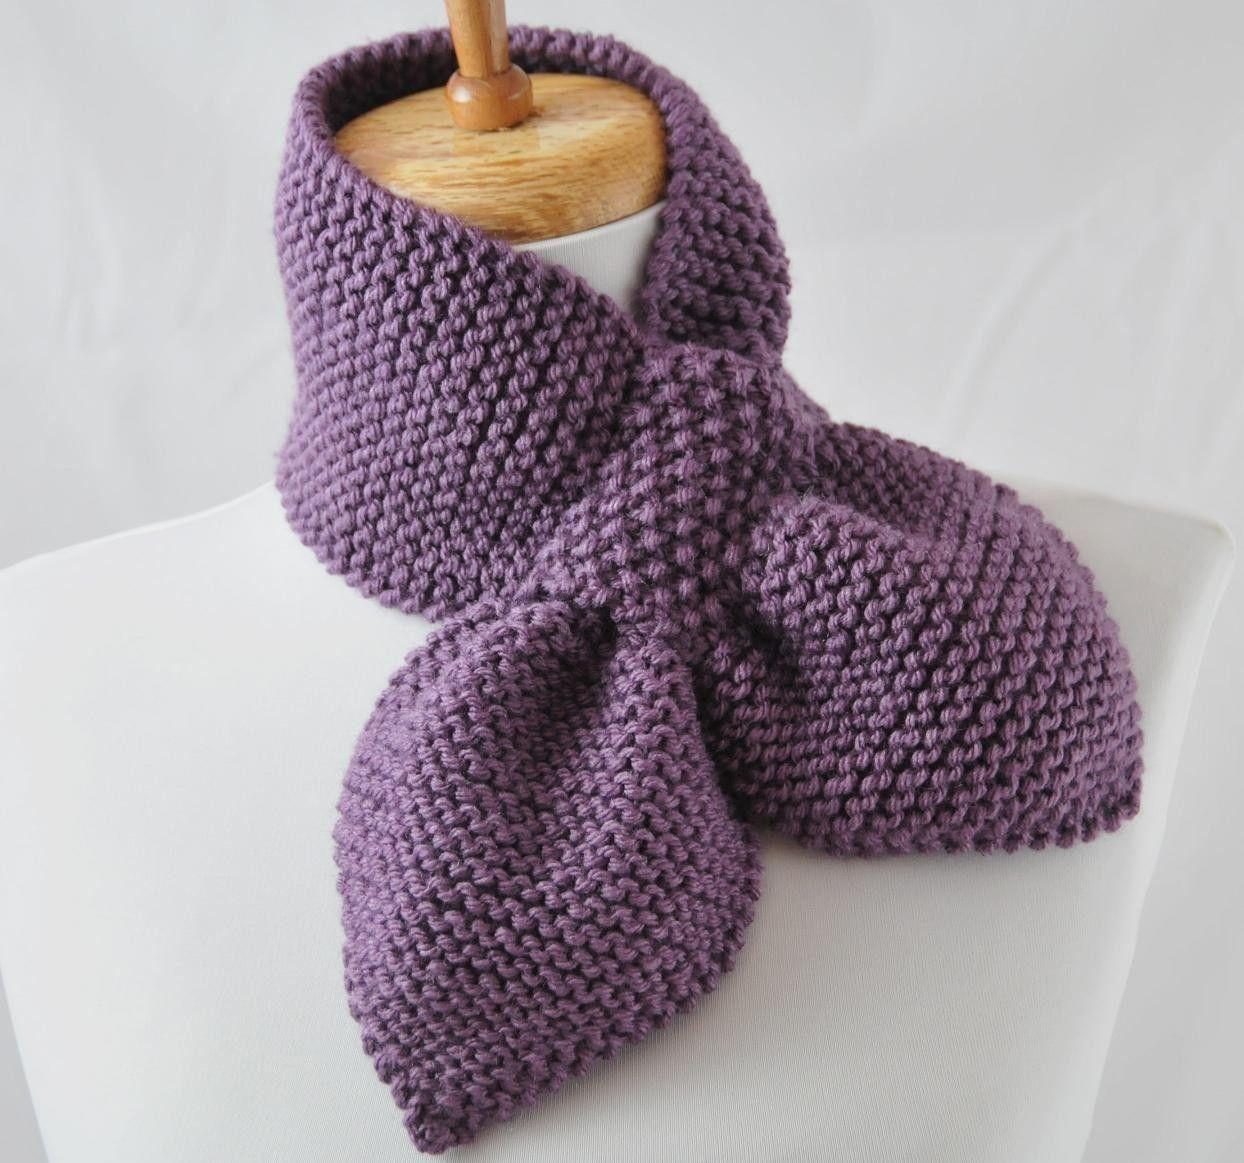 Stay put scarf | Knitspiration | Pinterest | Scarves ...